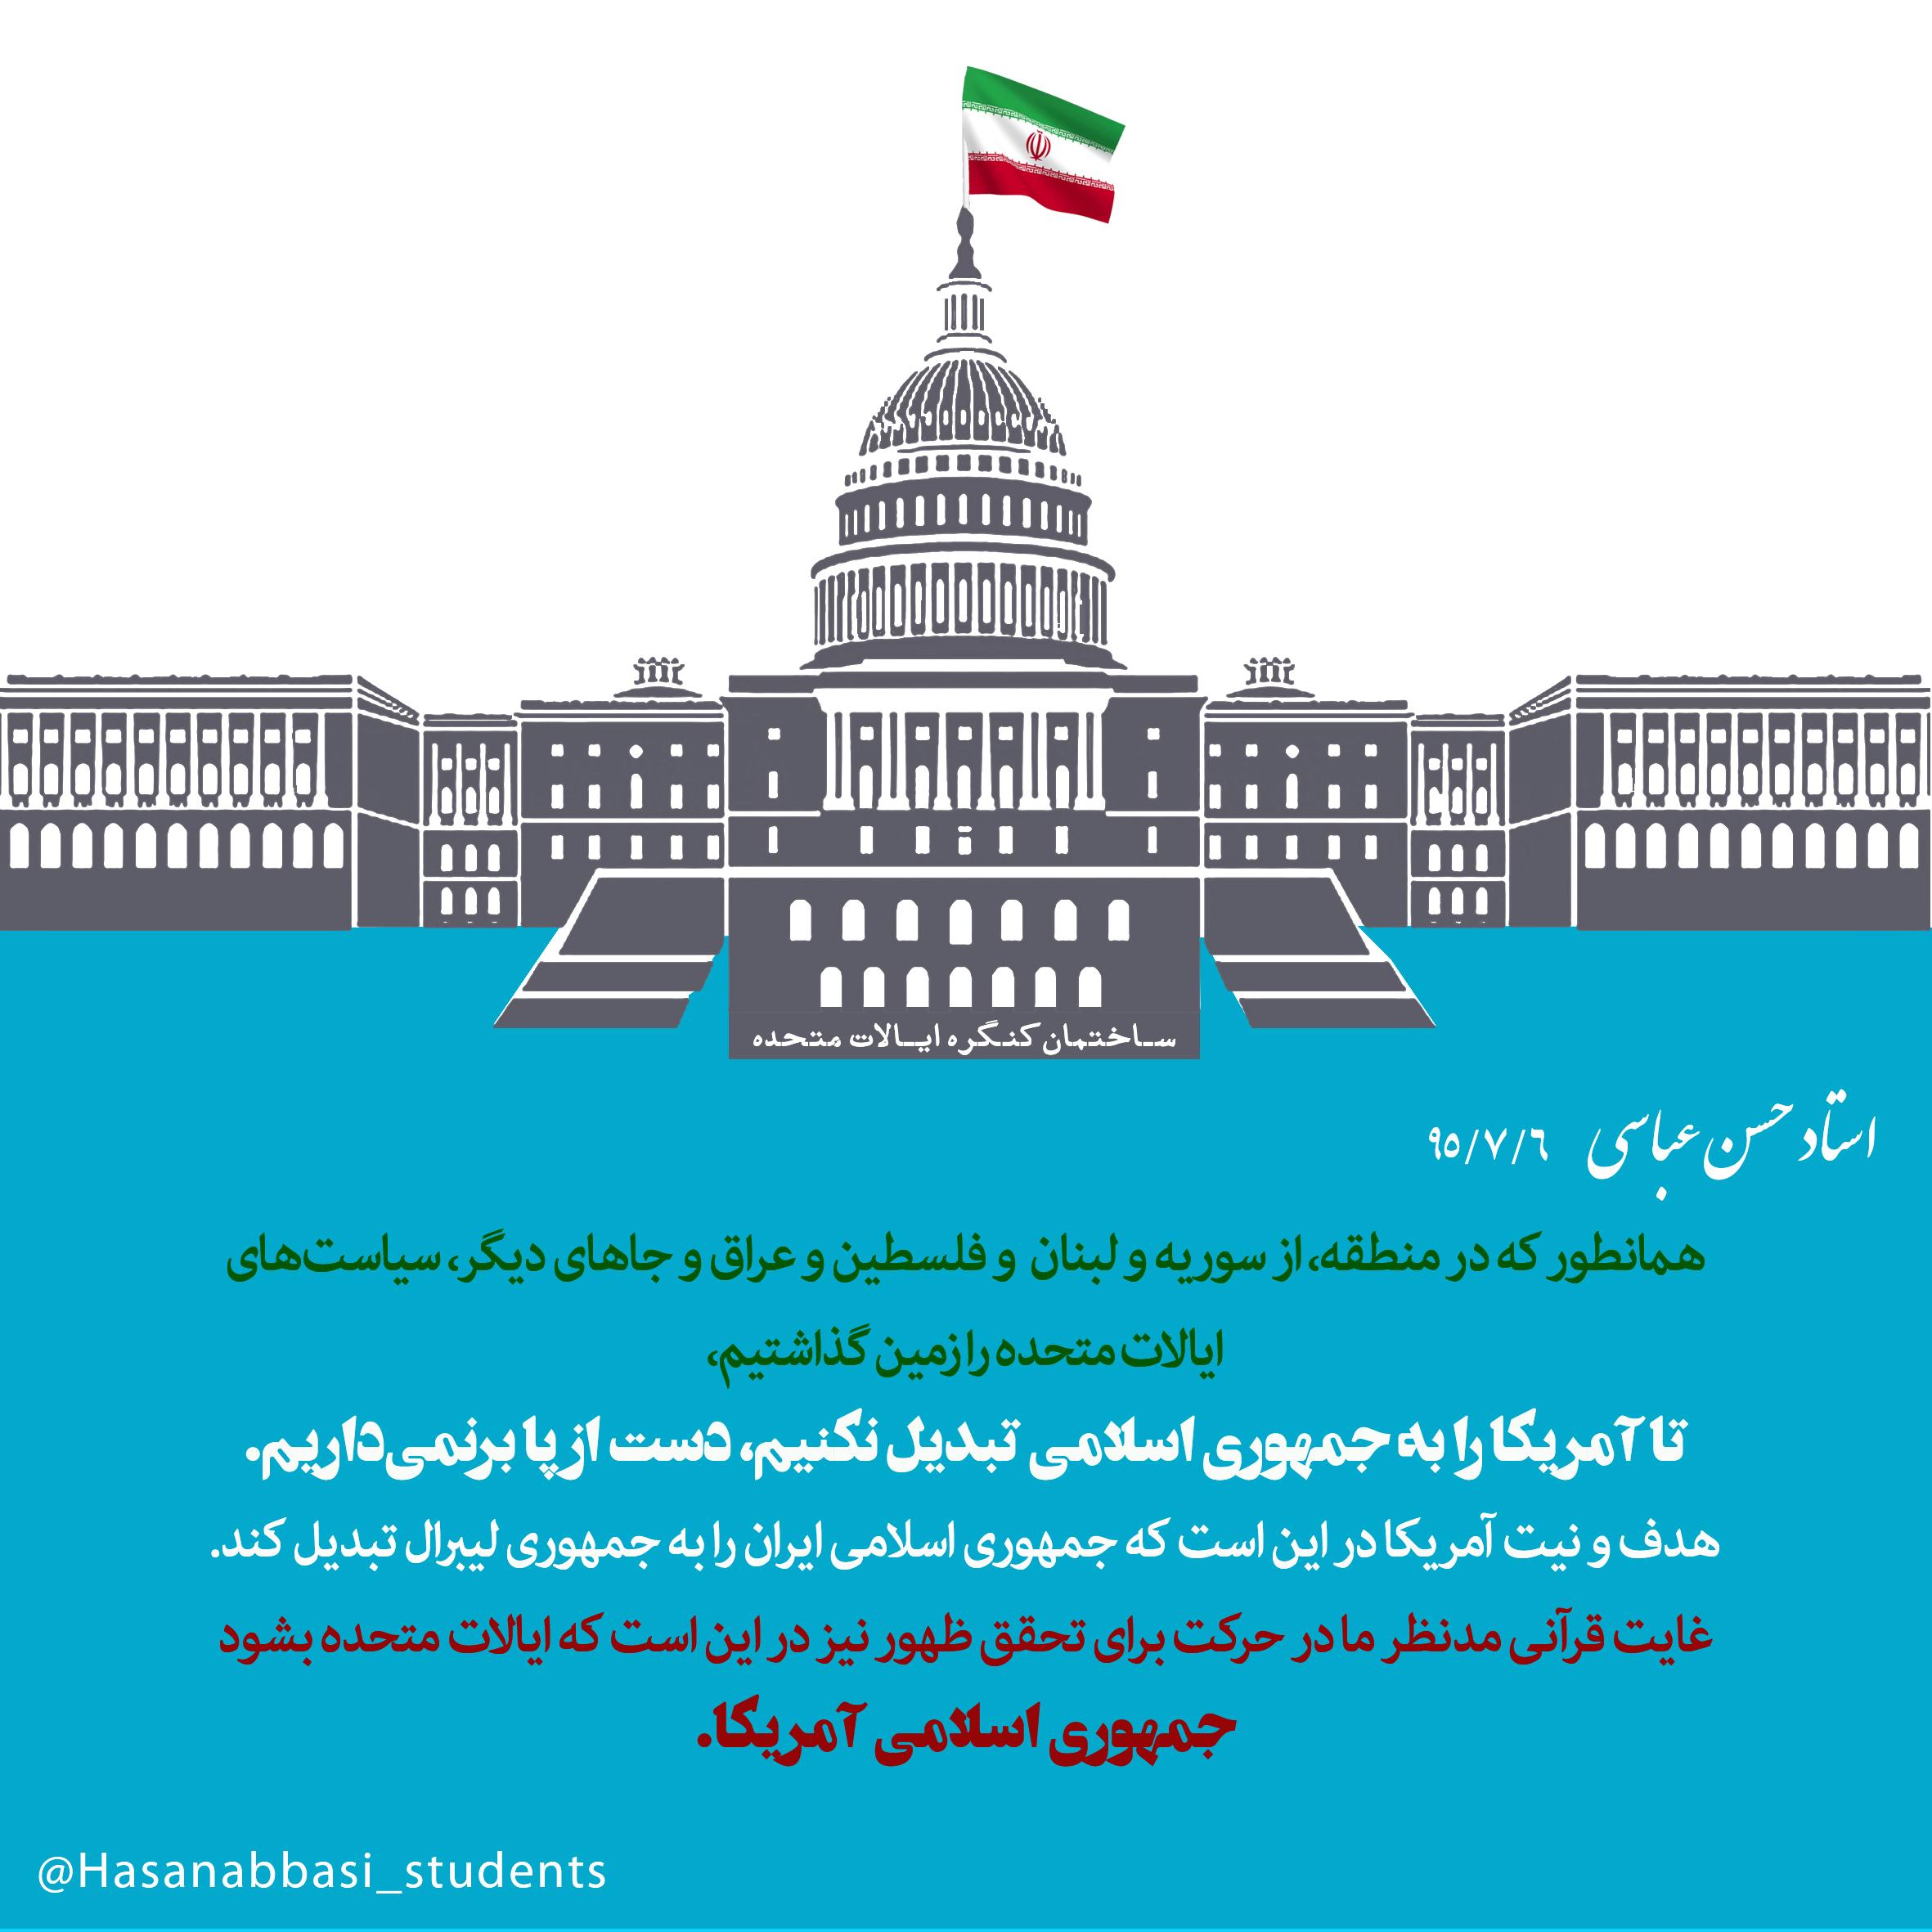 جمهوری اسلامی آمریکا – ویژهی یومالله ۱۳ آبان، روز ملی مبارزه با استکبار